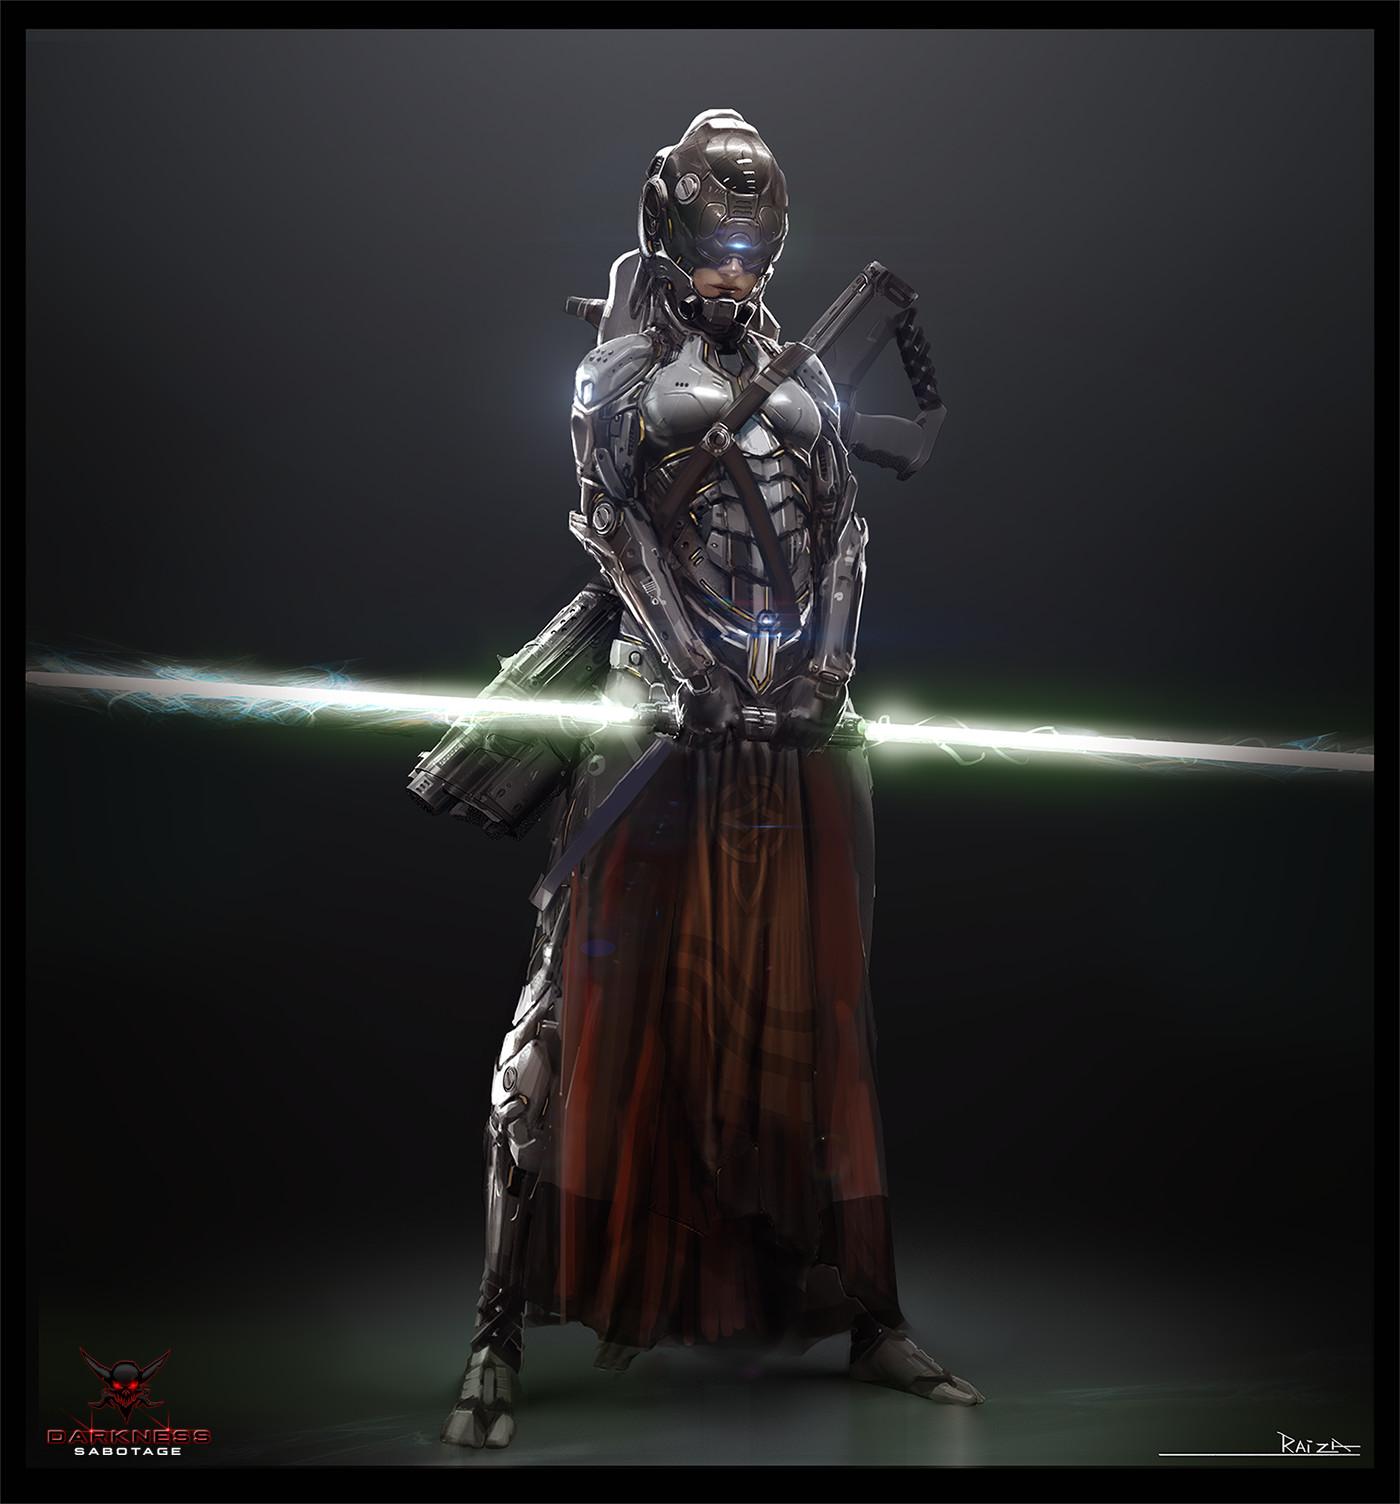 Raiza Sci-Fi samurai